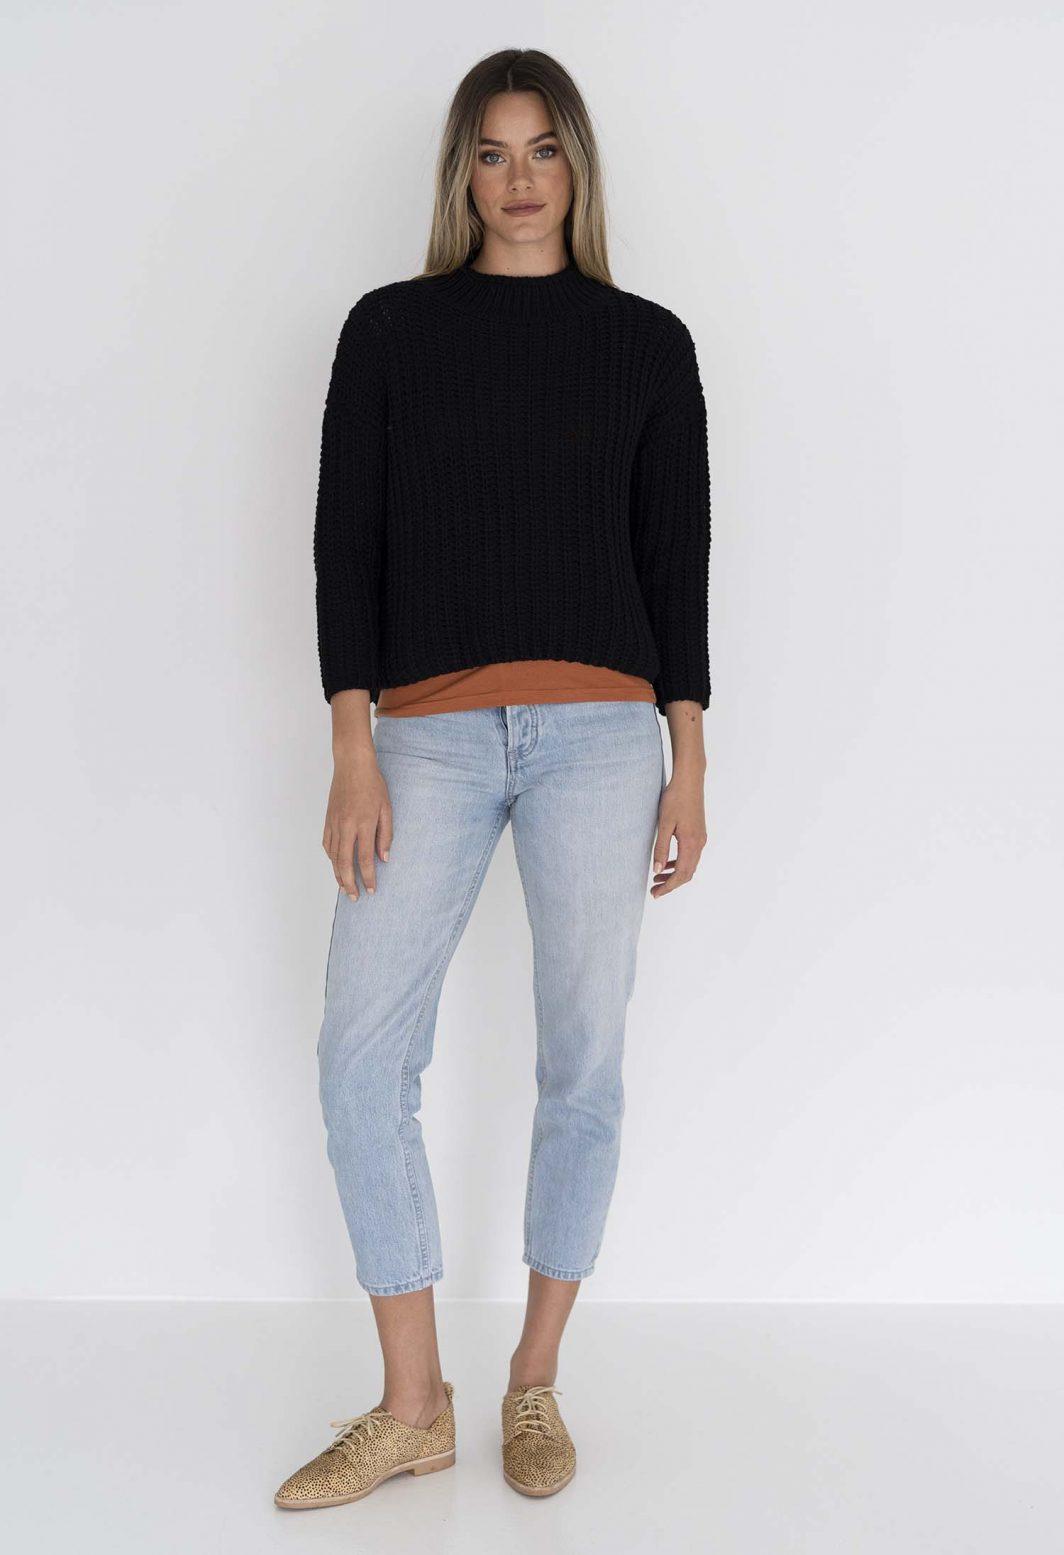 Humidity Coco Knit jumper Black